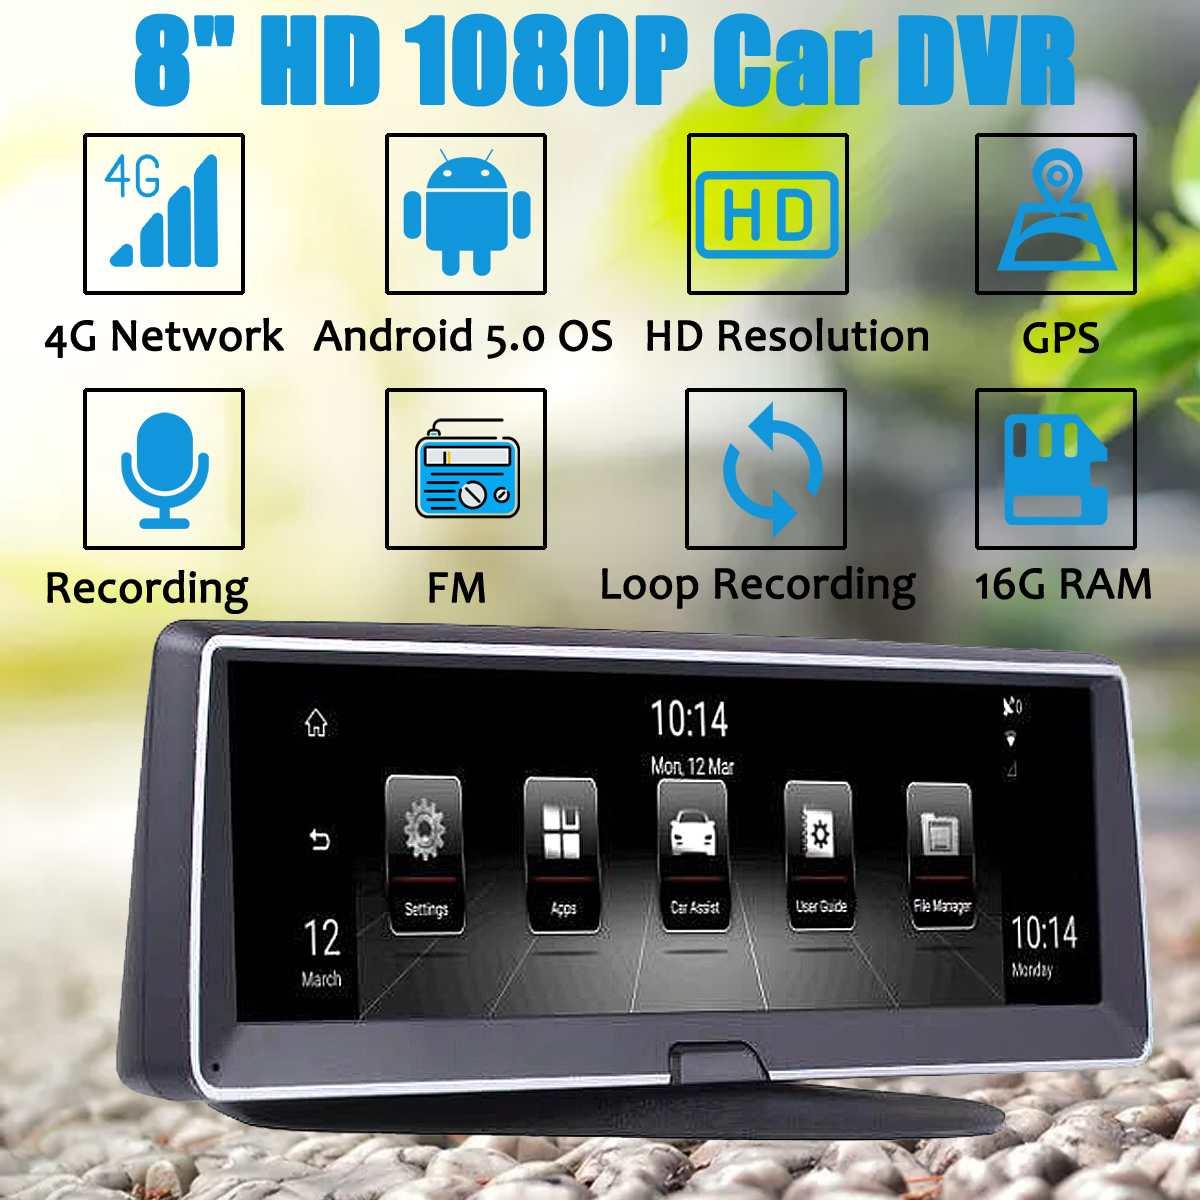 8 дюймов двойной объектив gps навигатор для машины навигационная система Android FM видео камера bluetooth географические карты Sat nav грузовик gps навиг